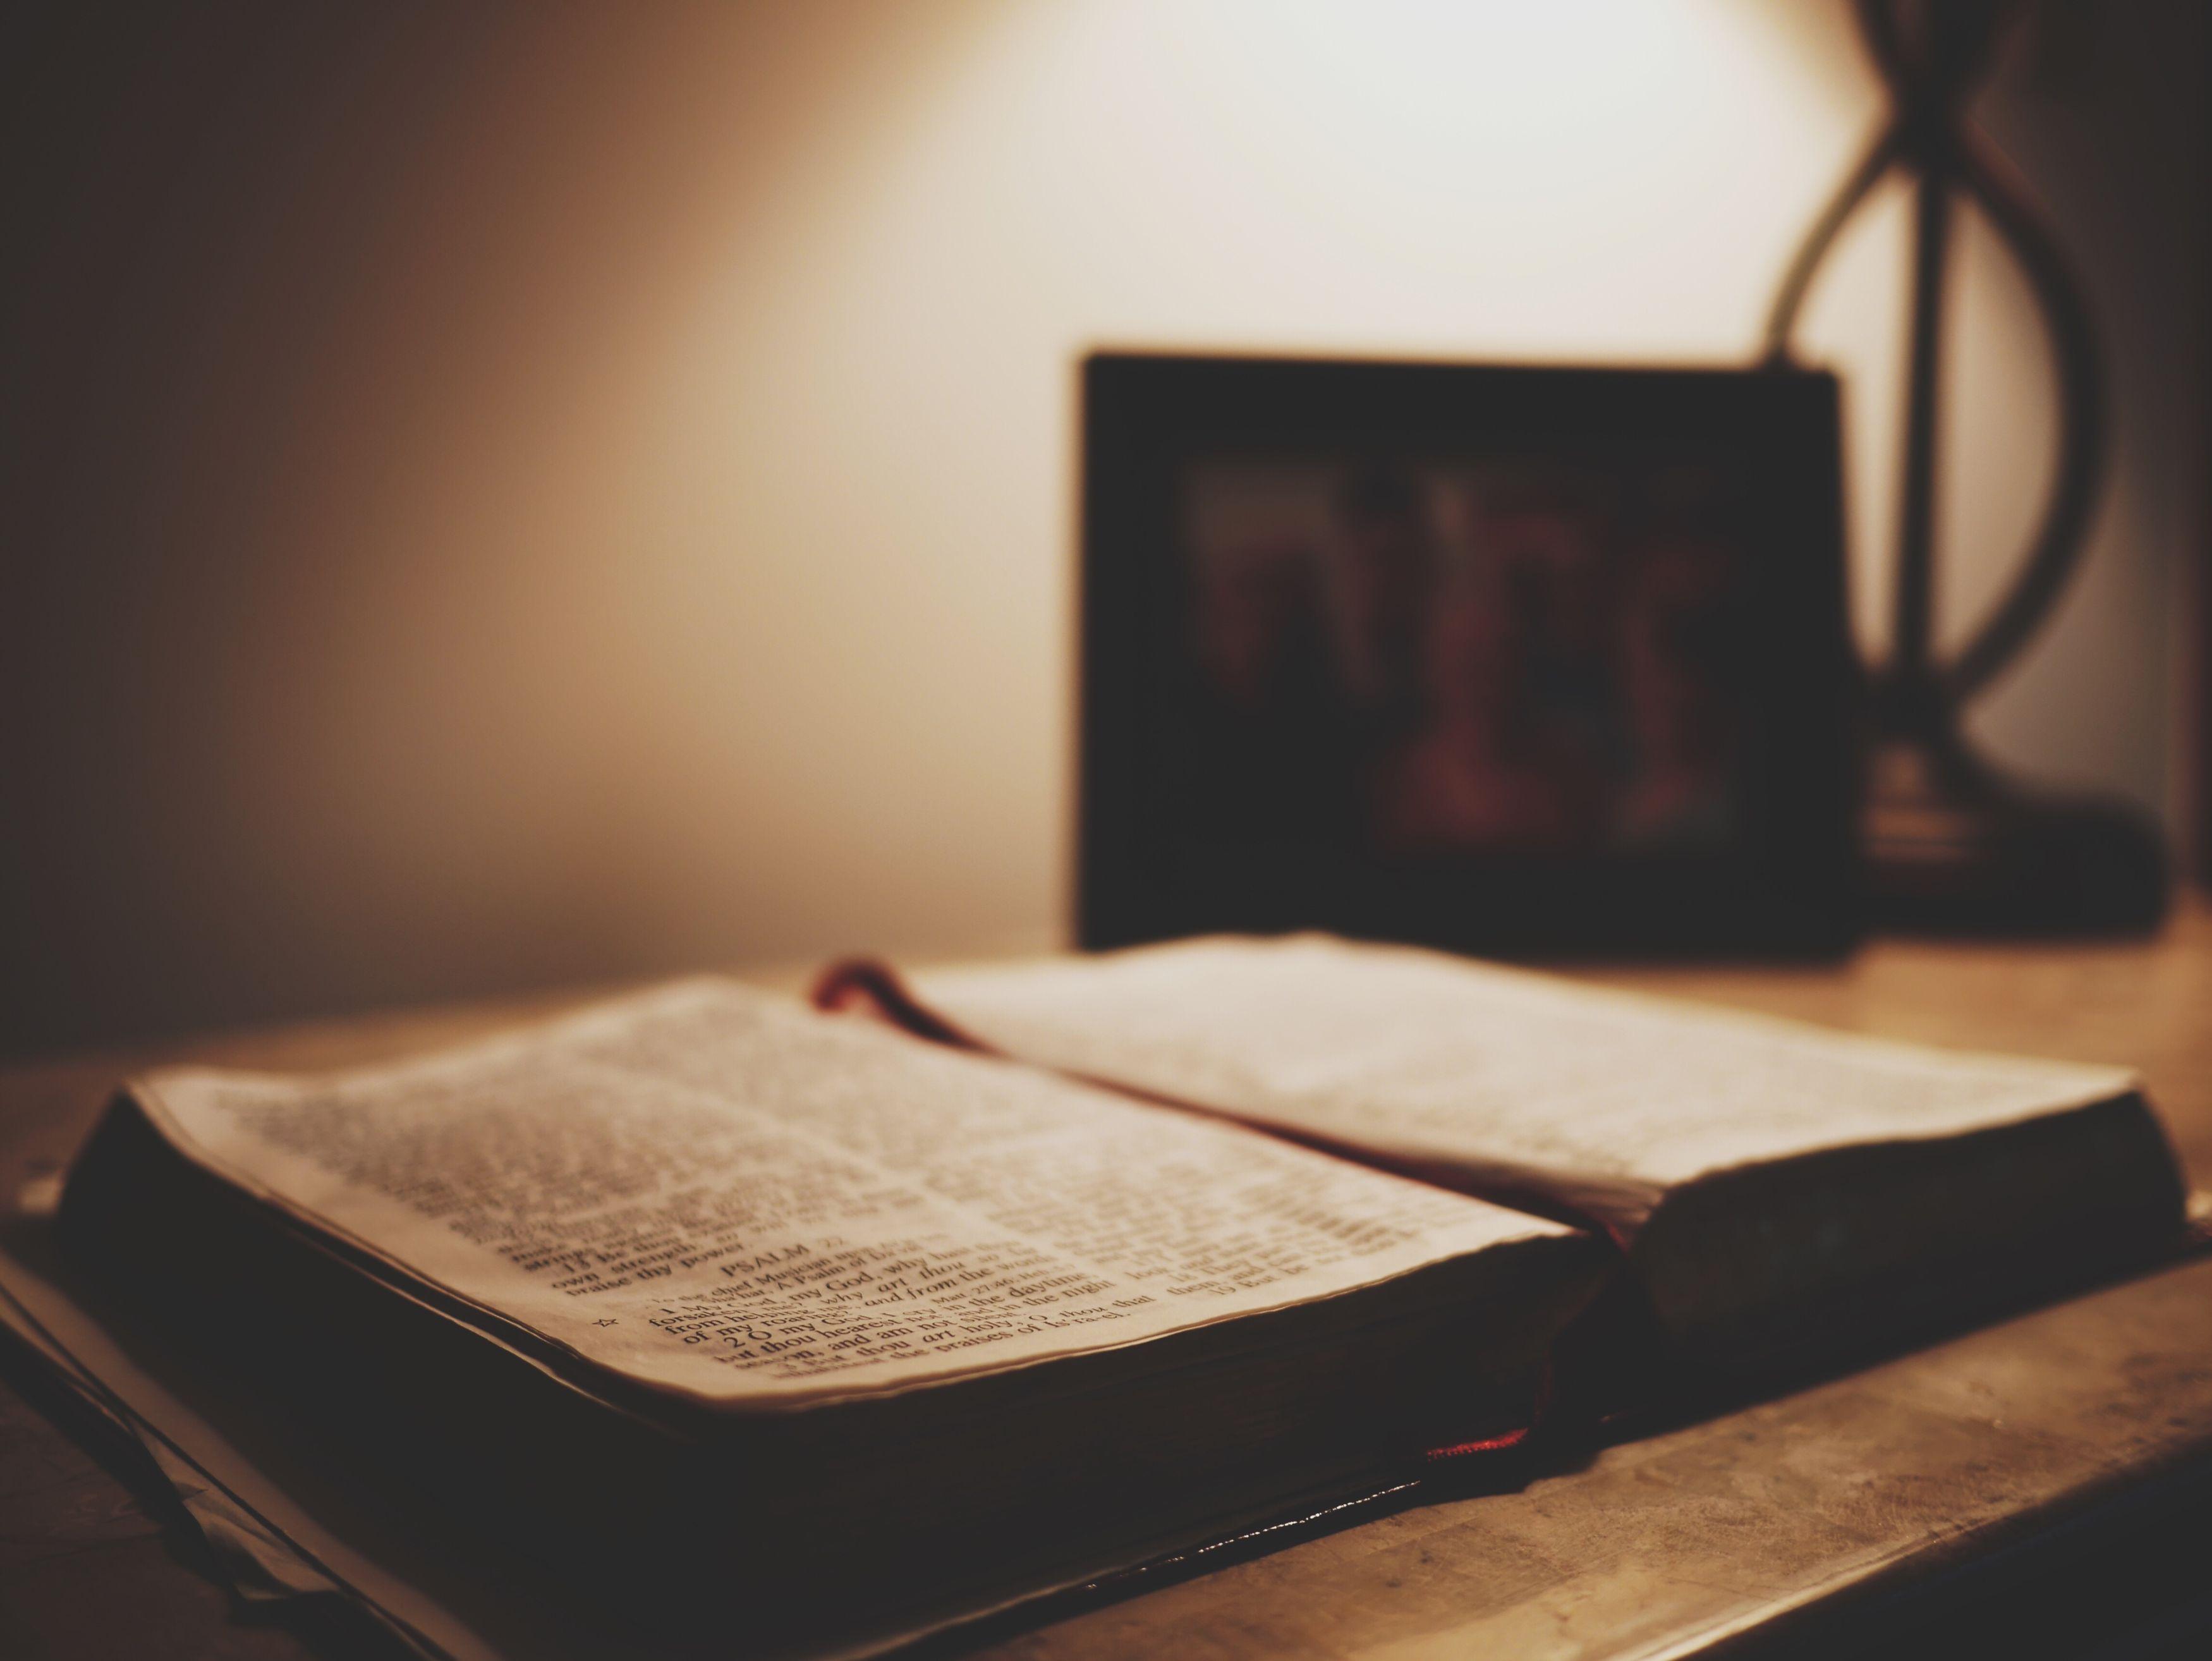 Mesajul secret din Biblie, descifrat! ce profeție se anunță pentru creștini